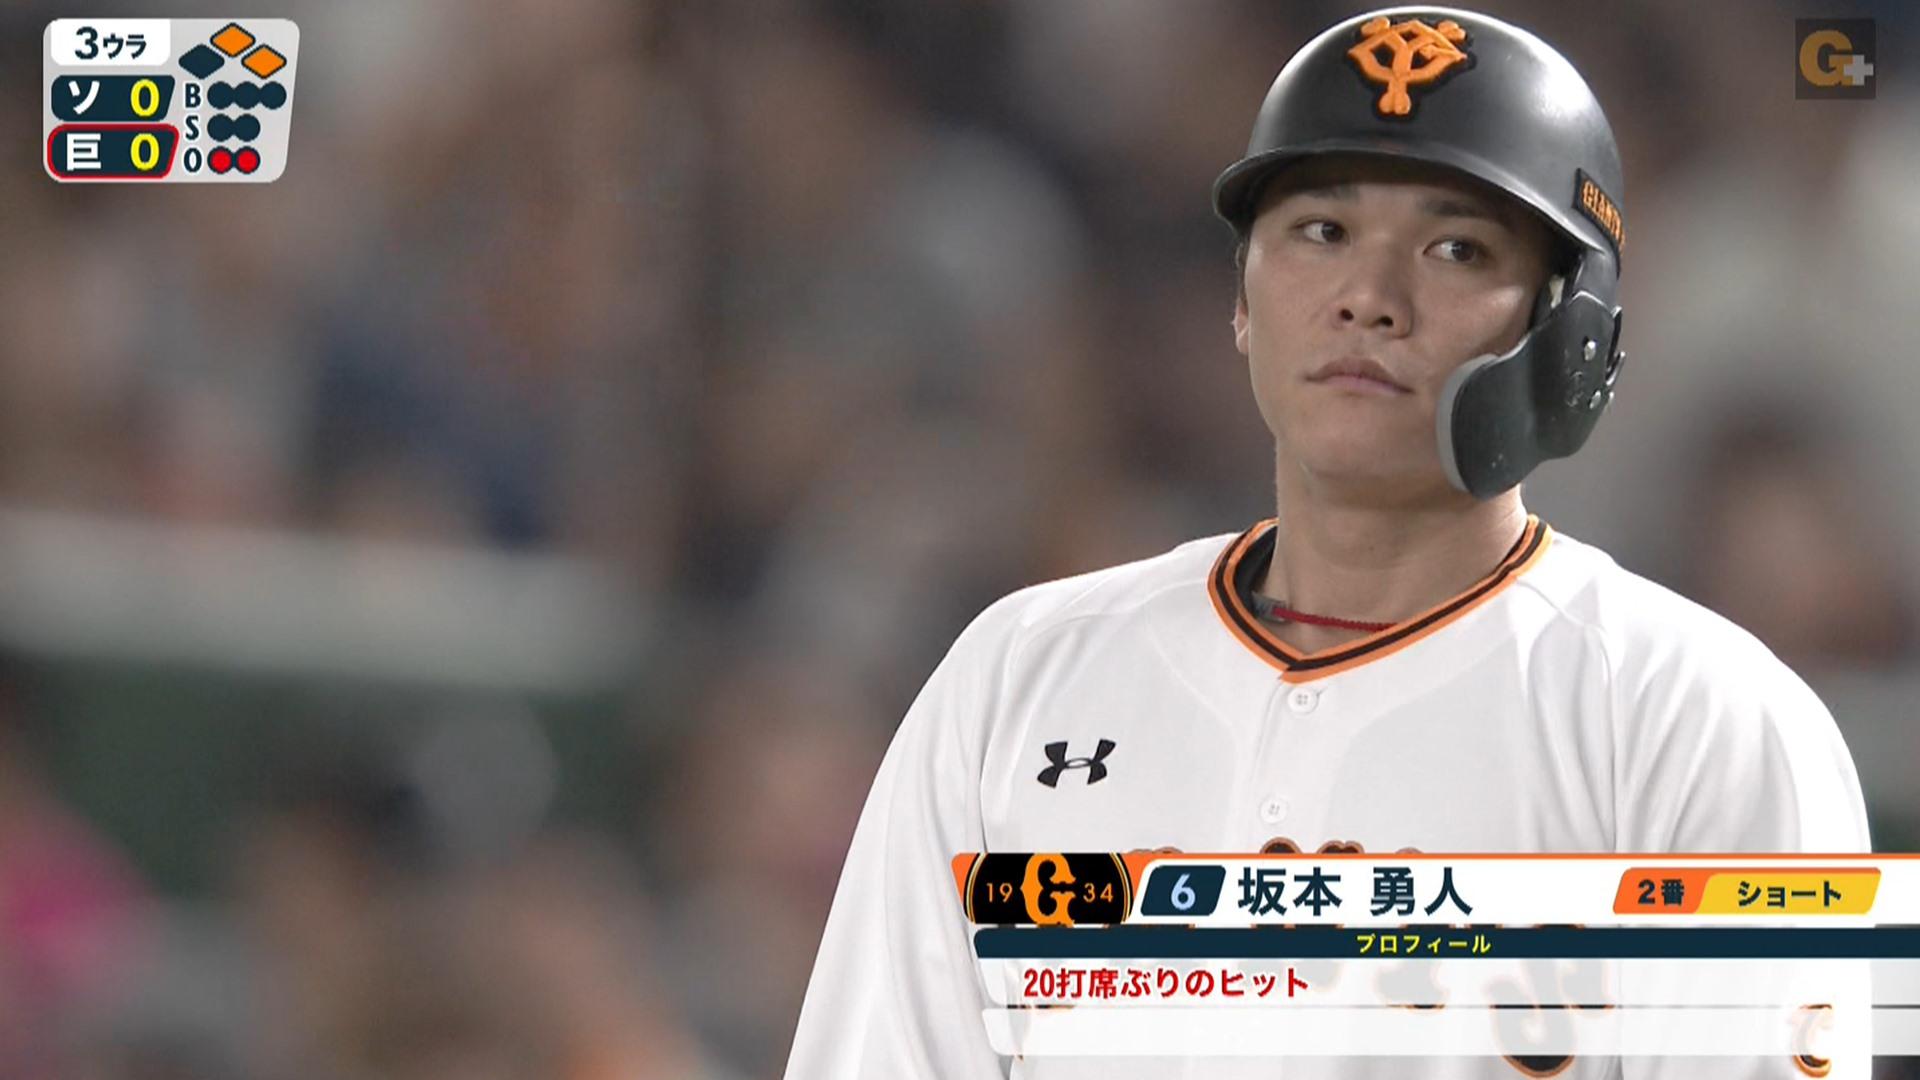 巨人・亀井&坂本が20打席ぶりのヒット 岡本が12打席ぶりのヒット